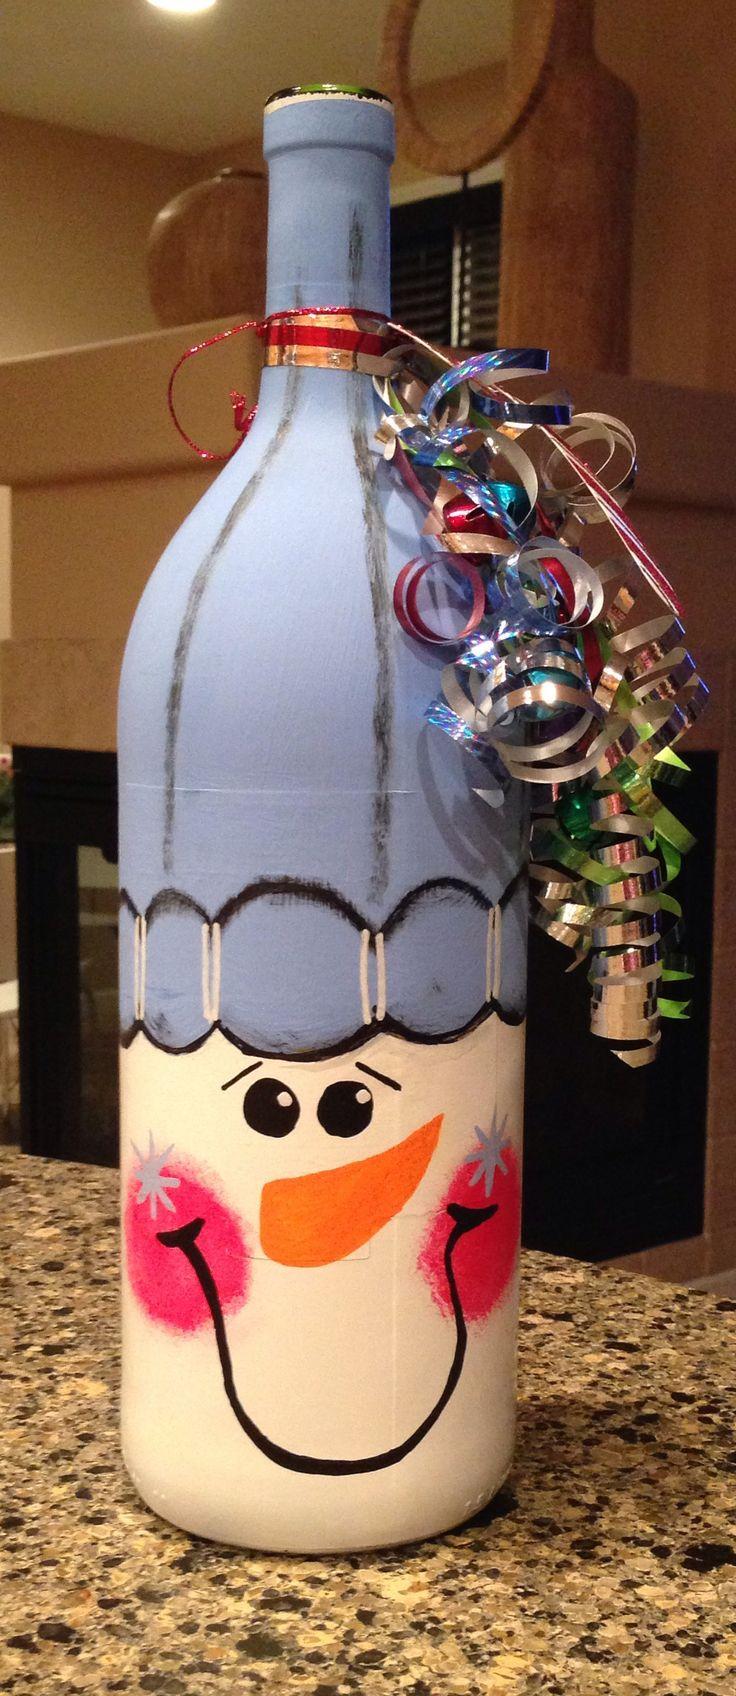 Muñeco de nieve pintado en una botella de vino